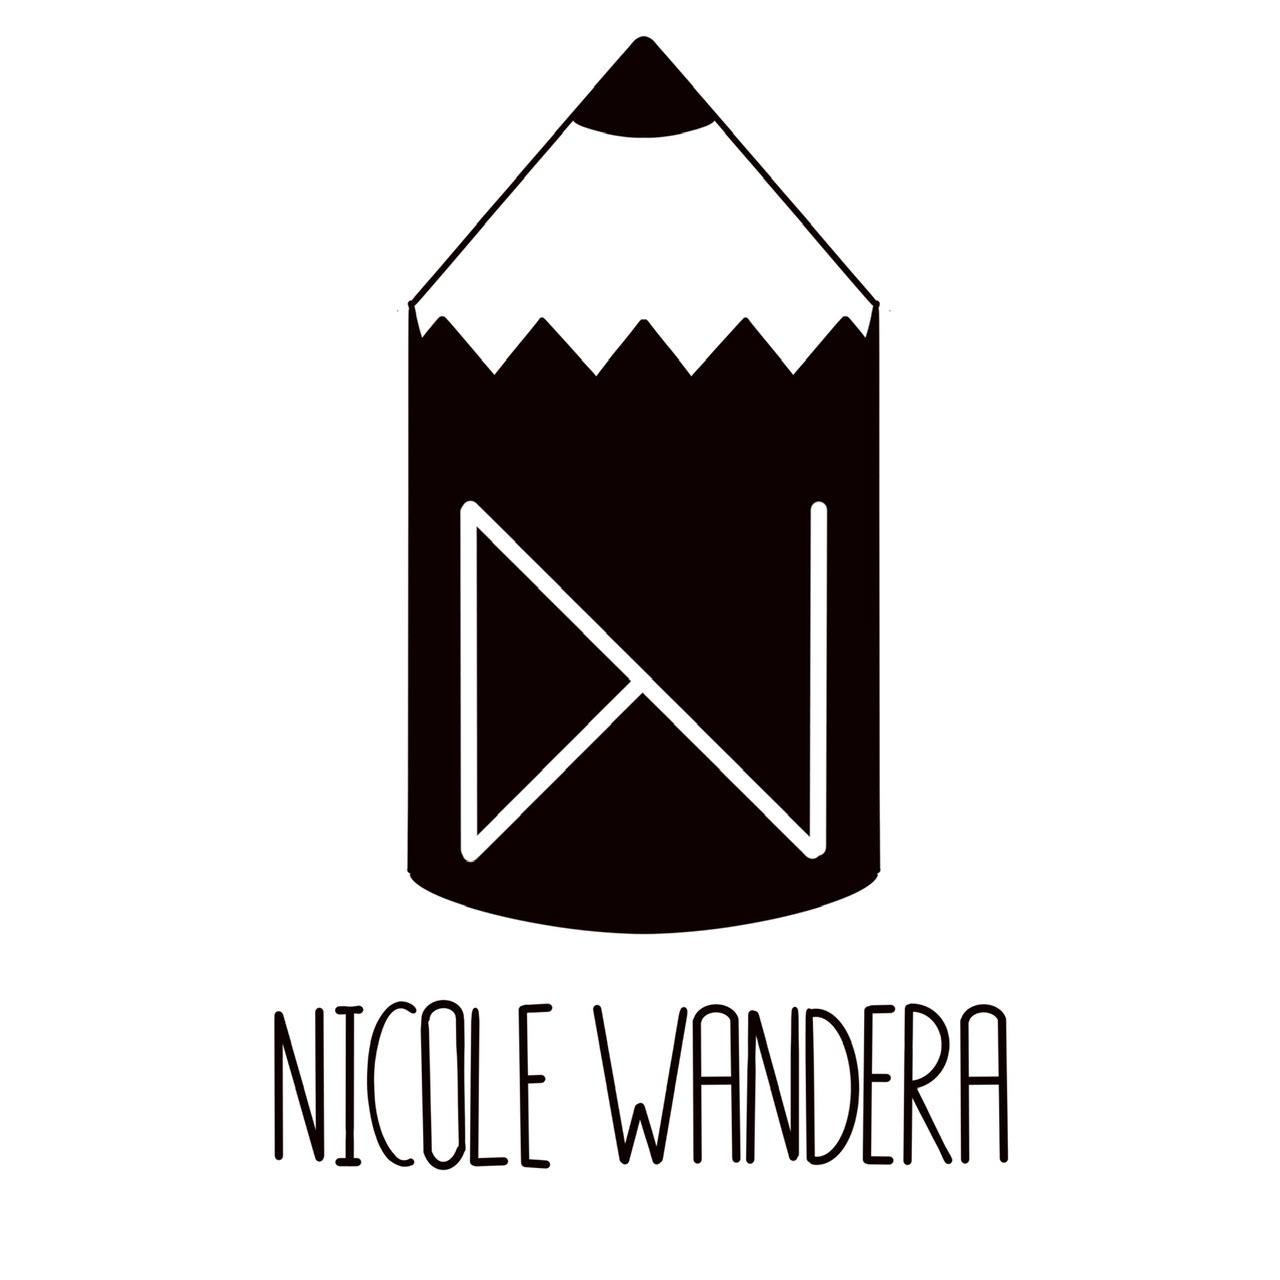 Nicole Wandera